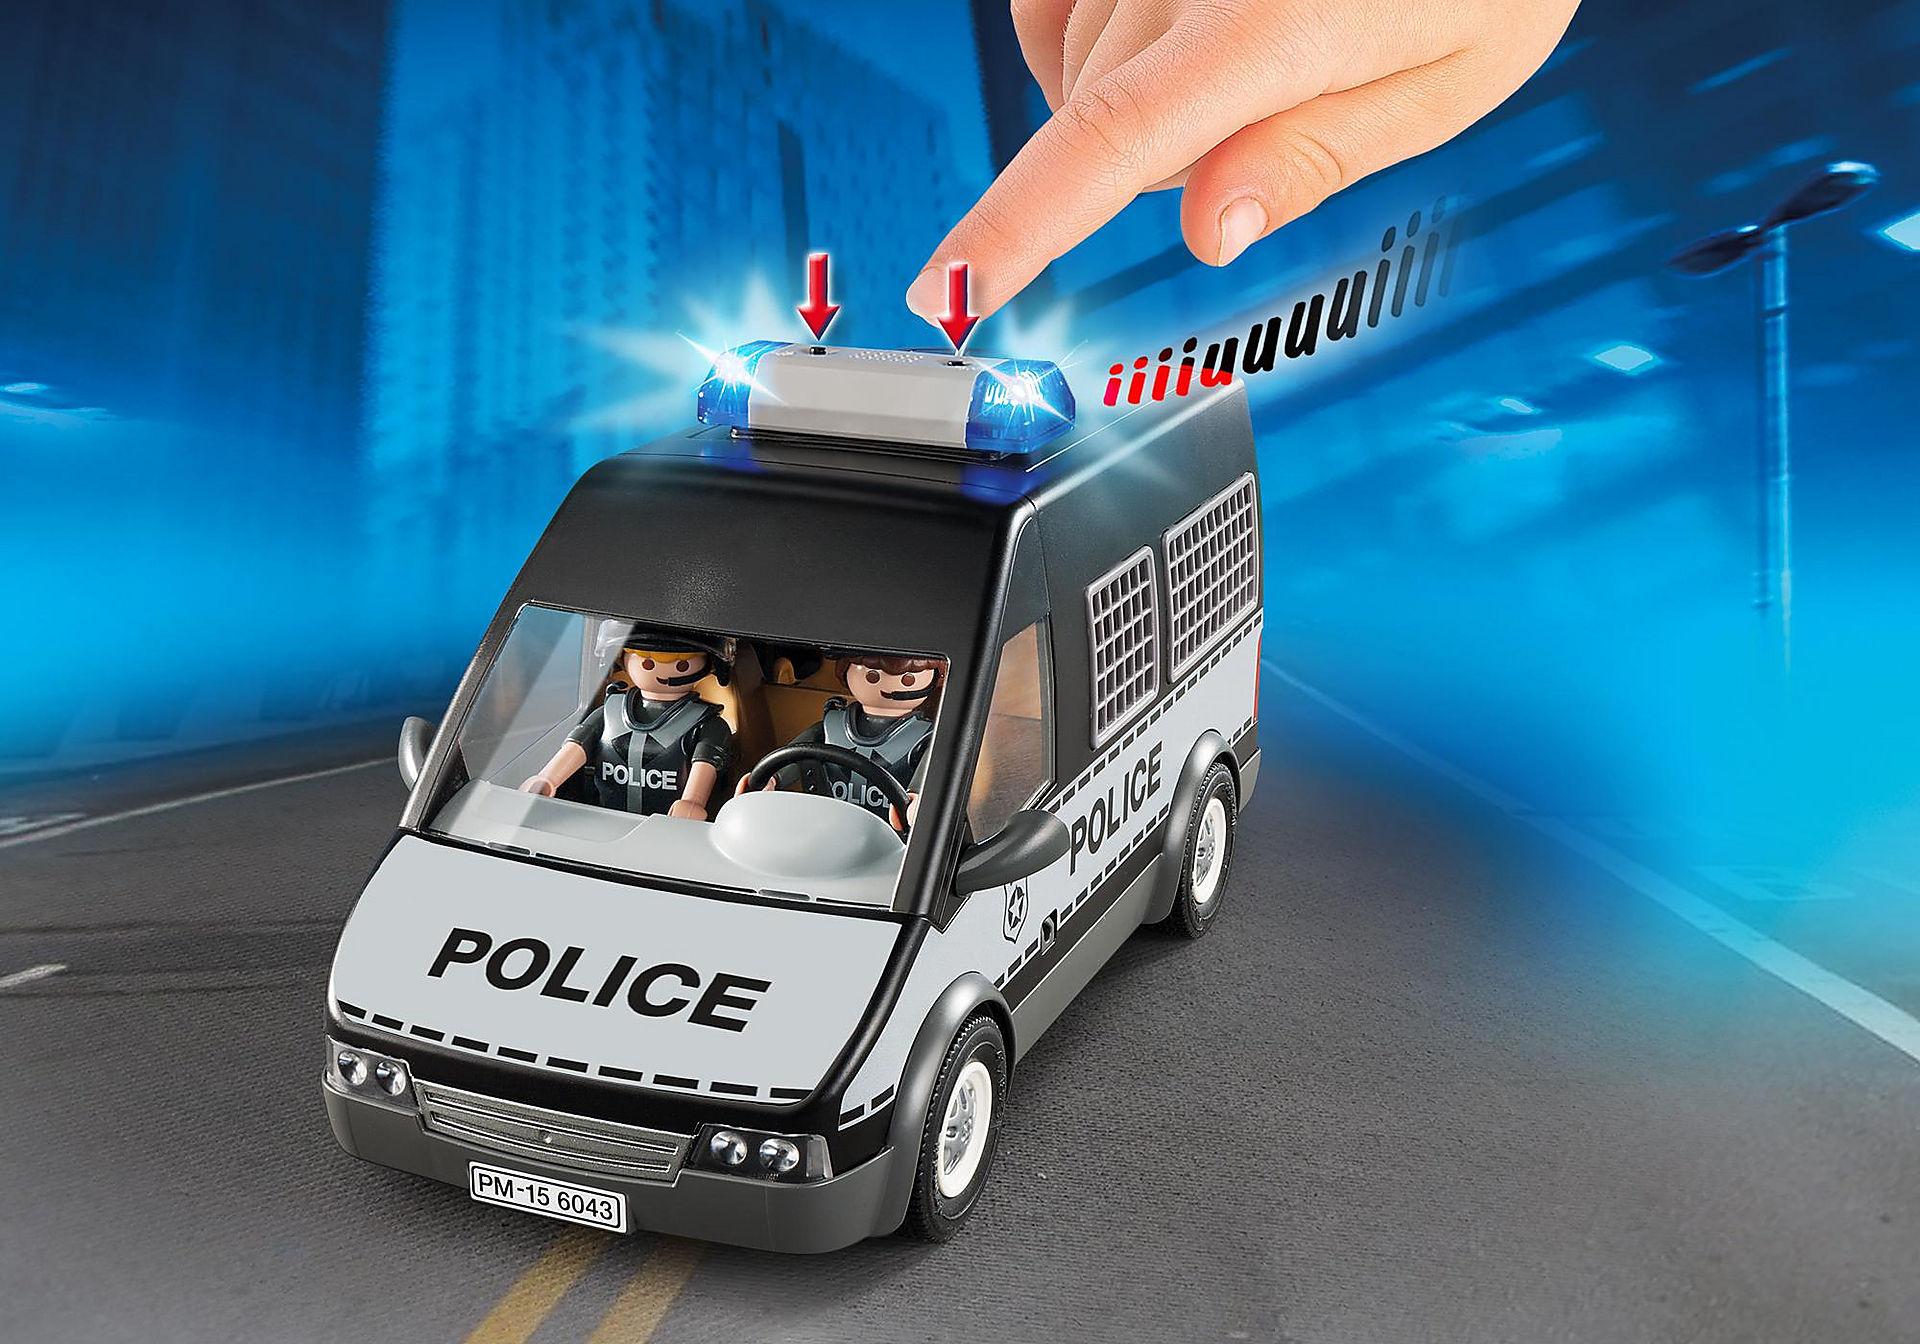 http://media.playmobil.com/i/playmobil/6043_product_extra1/Polizei-Mannschaftswagen mit Licht und Sound